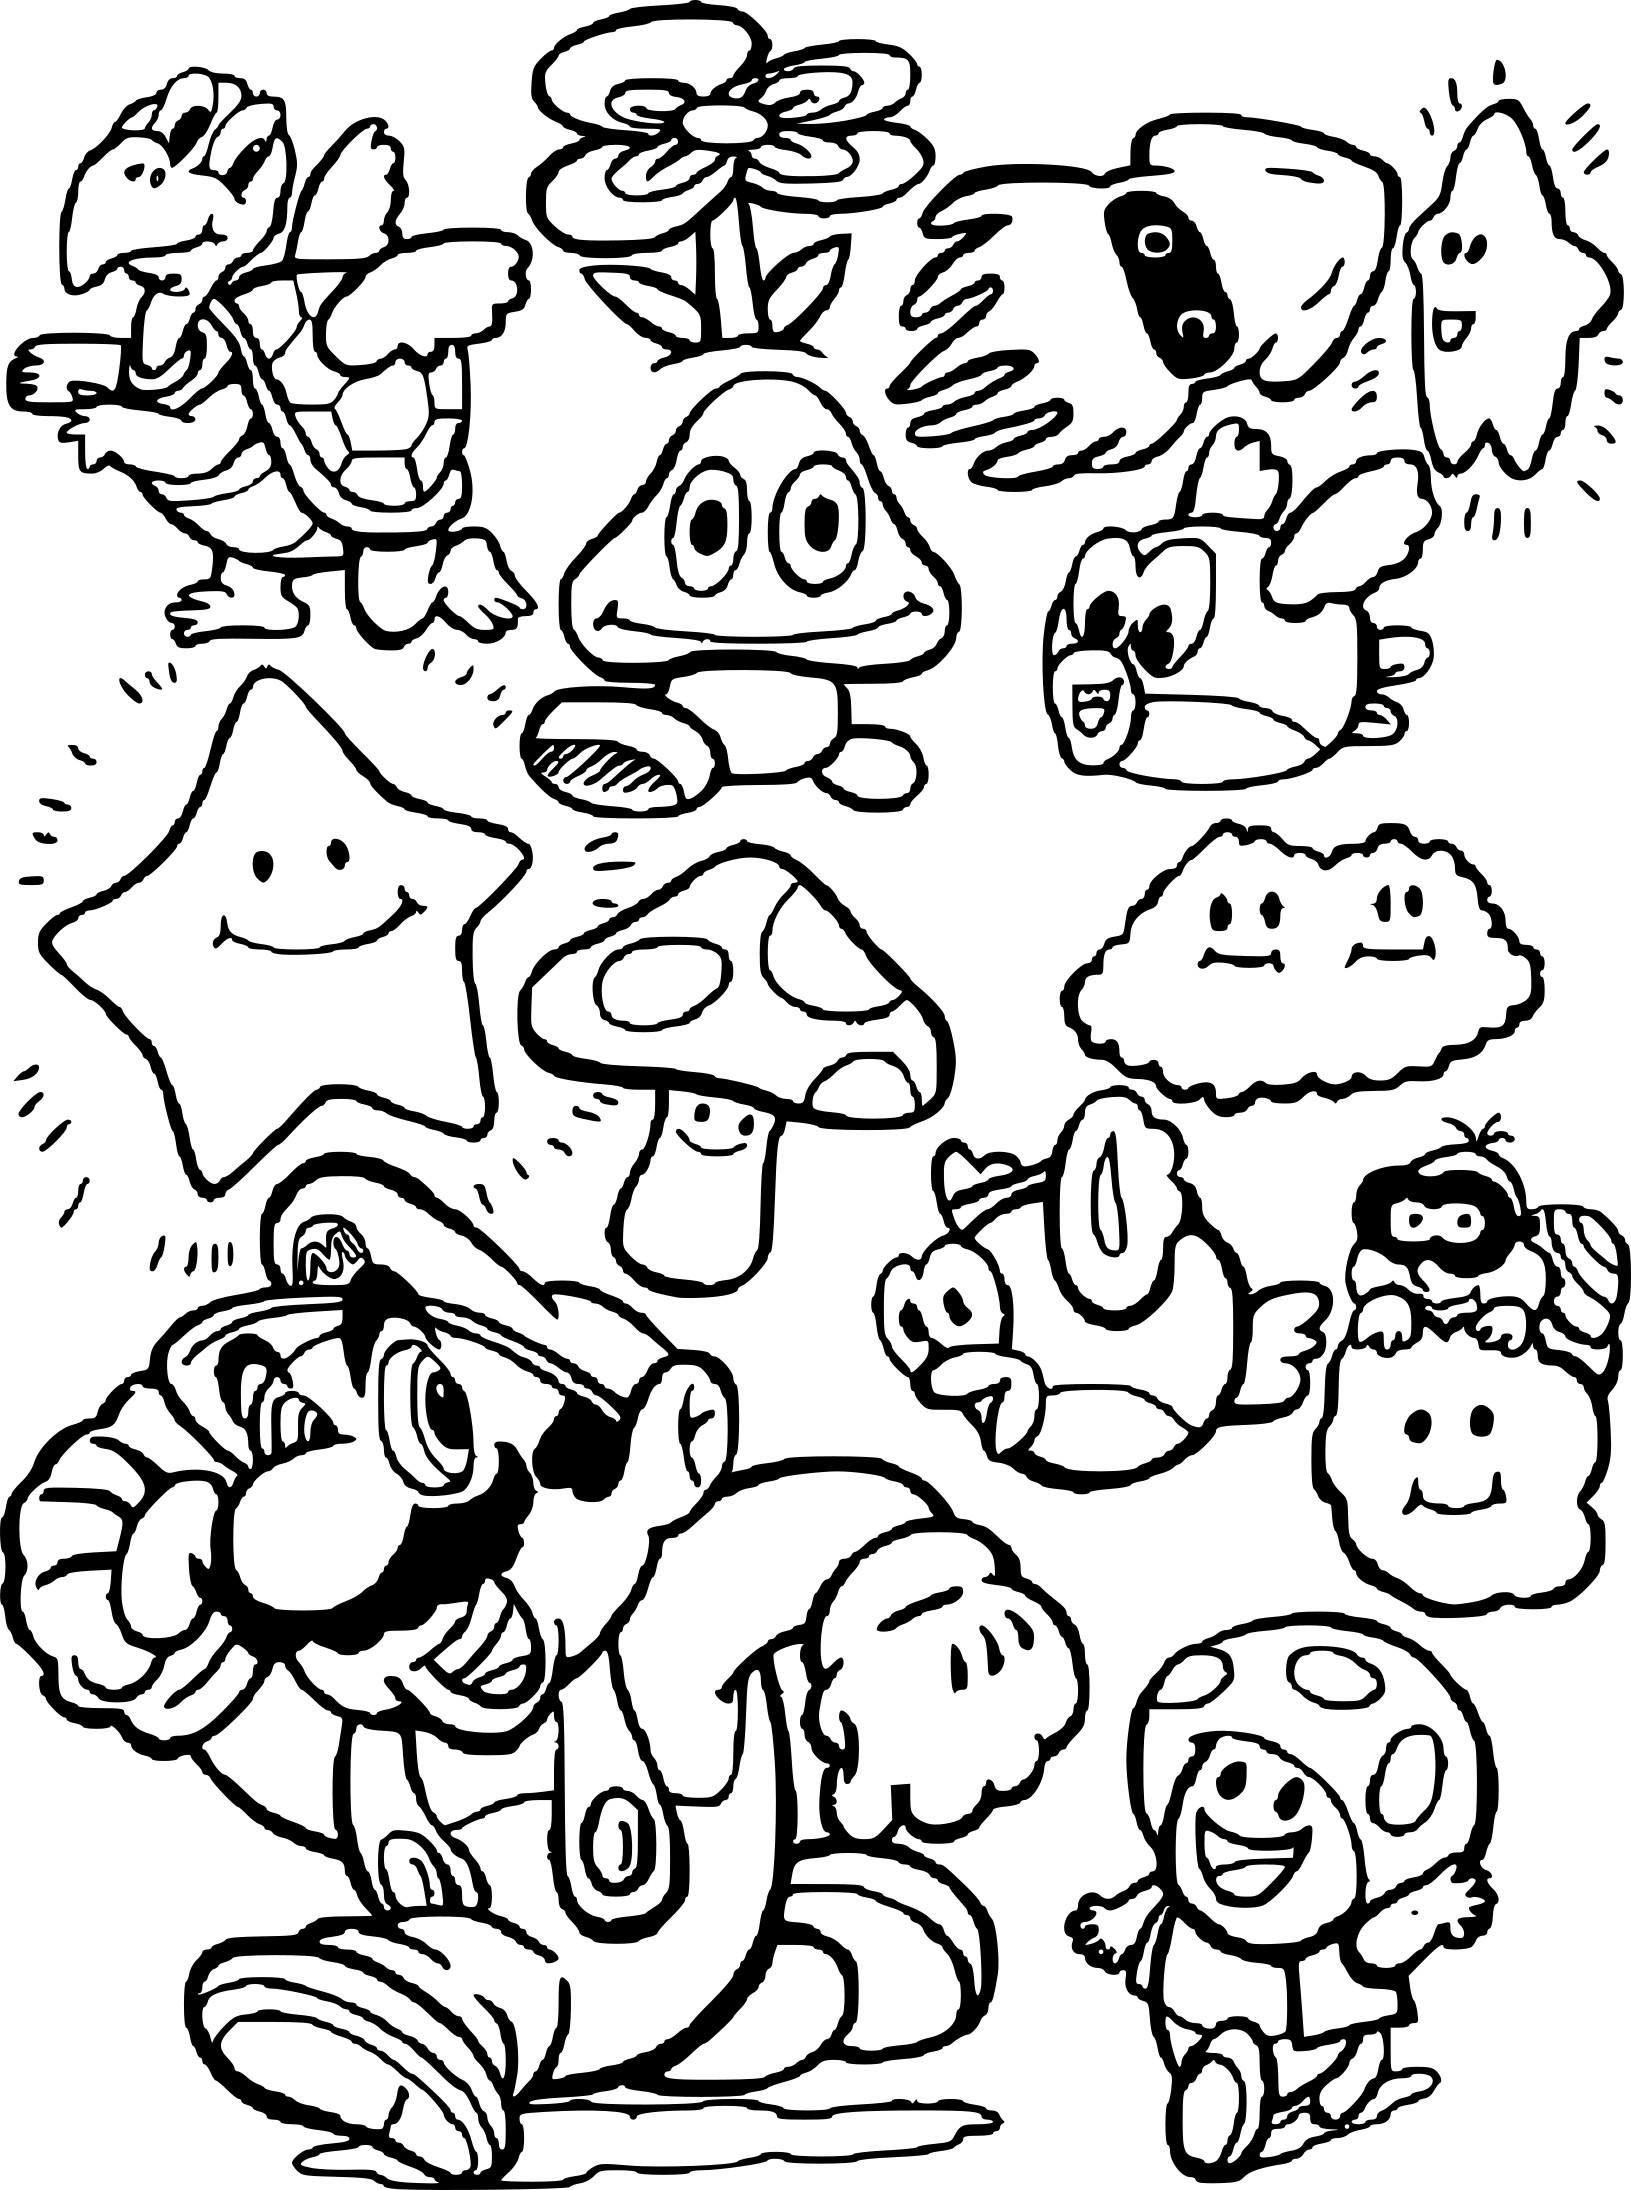 Frais Dessin à Imprimer De Mario Bros